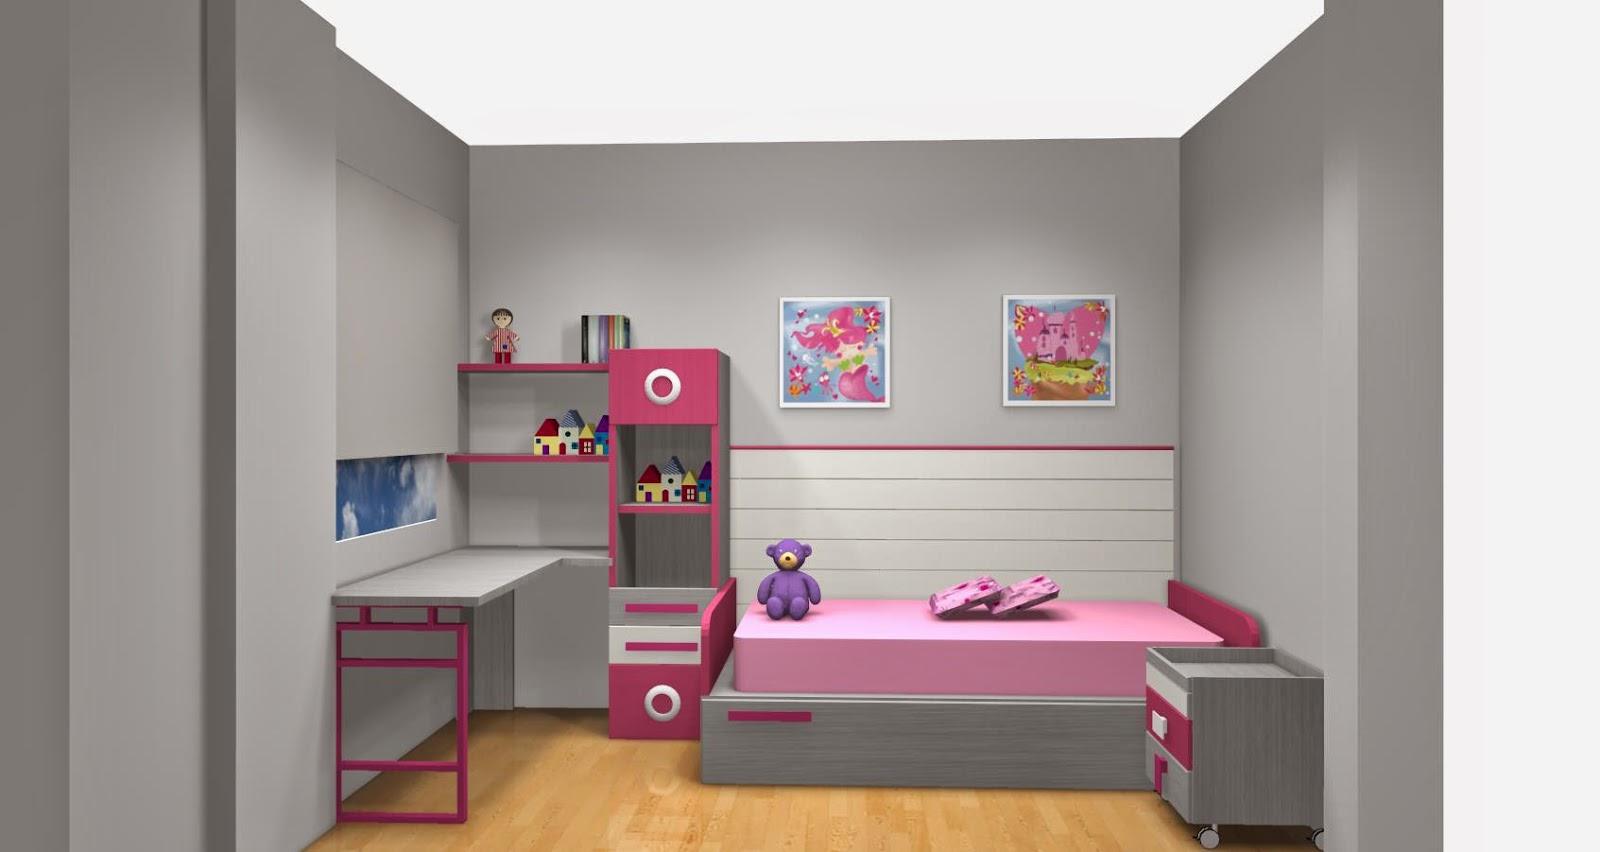 Amueblar habitacion en xikara - Habitacion infantil cama nido ...